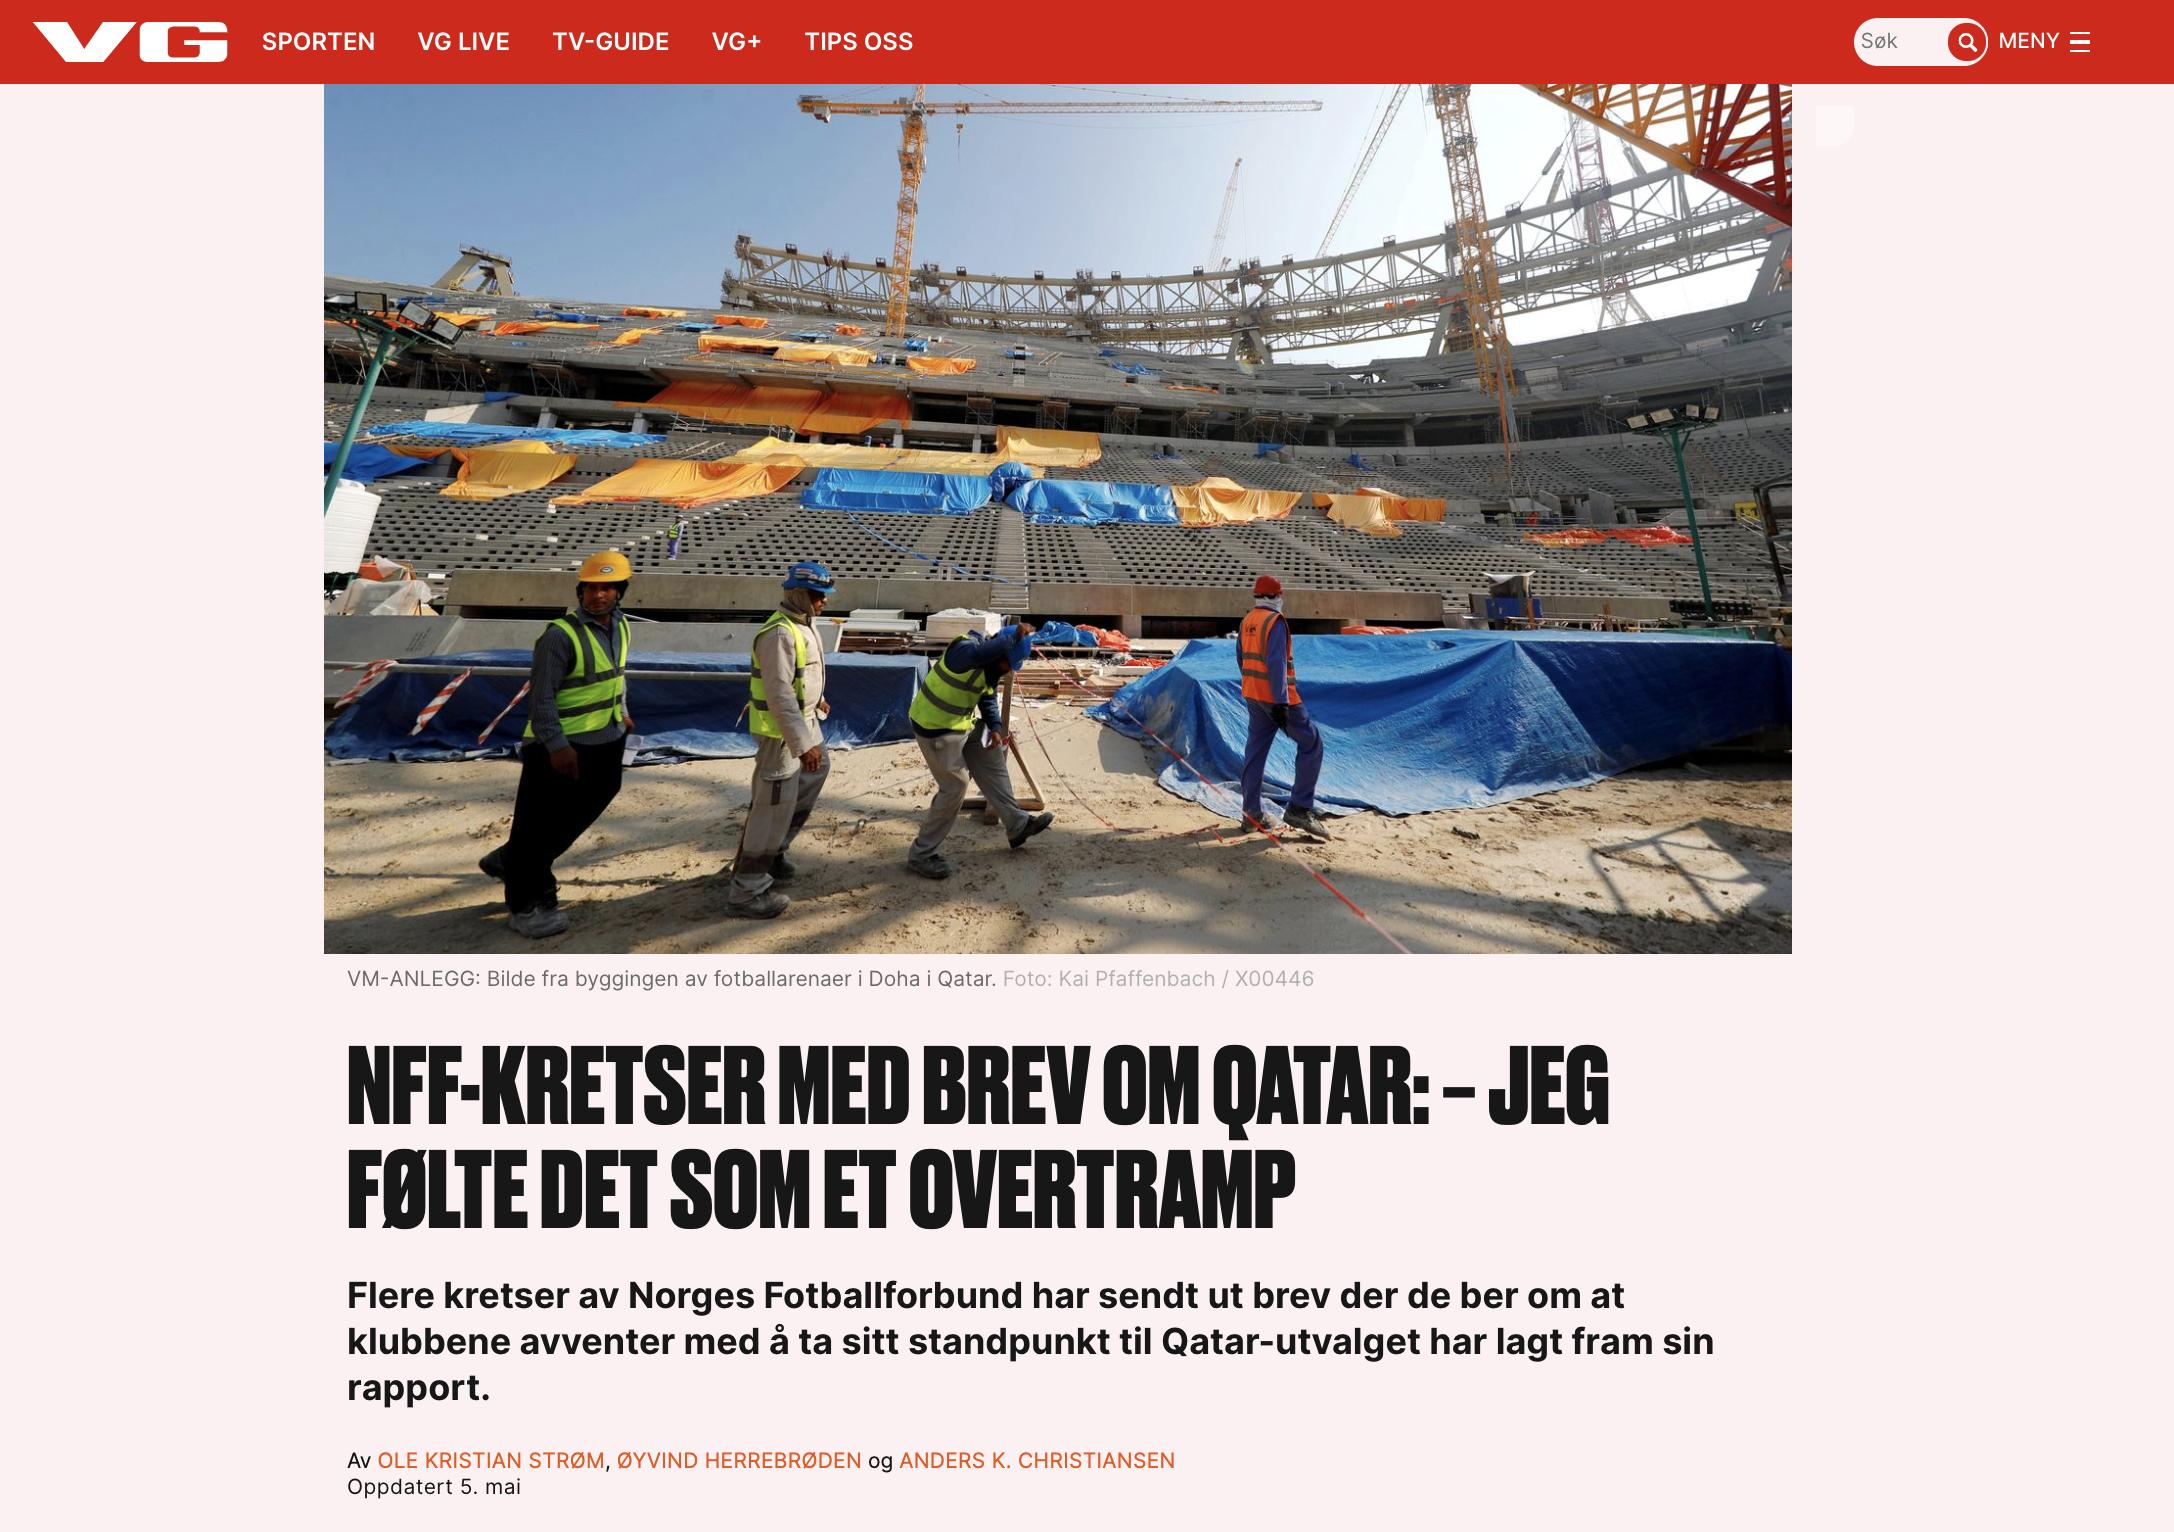 NFF-kretser med brev om Qatar: − Jeg følte det som et overtramp